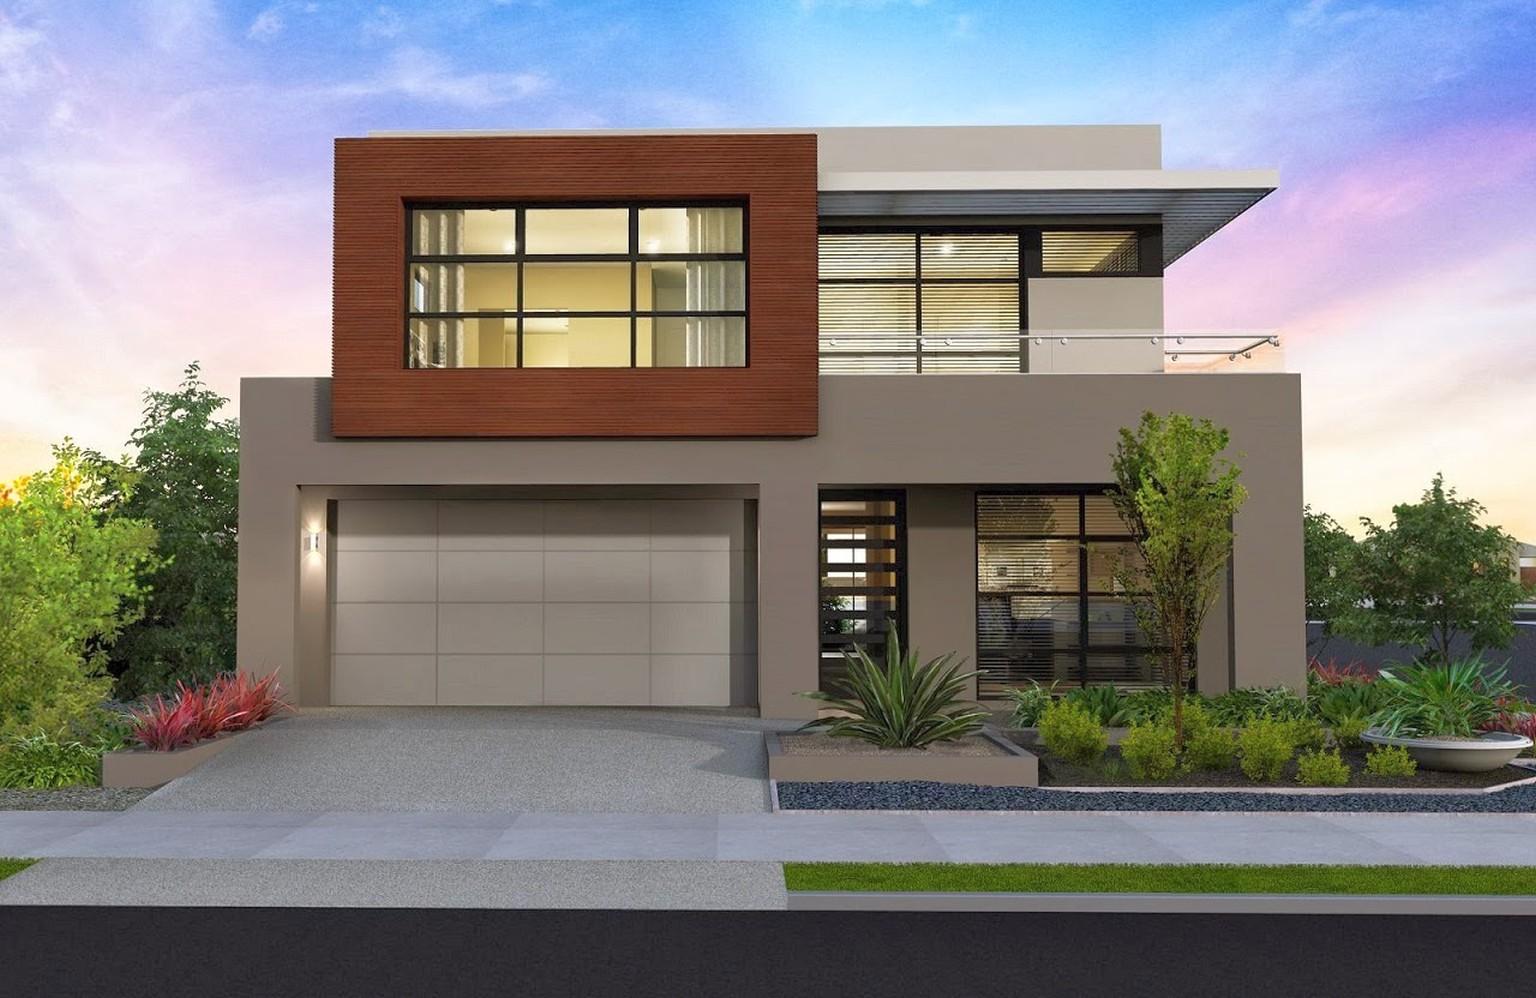 Desain Rumah Modern Gaya Eropa - PropertiTerbaru.com